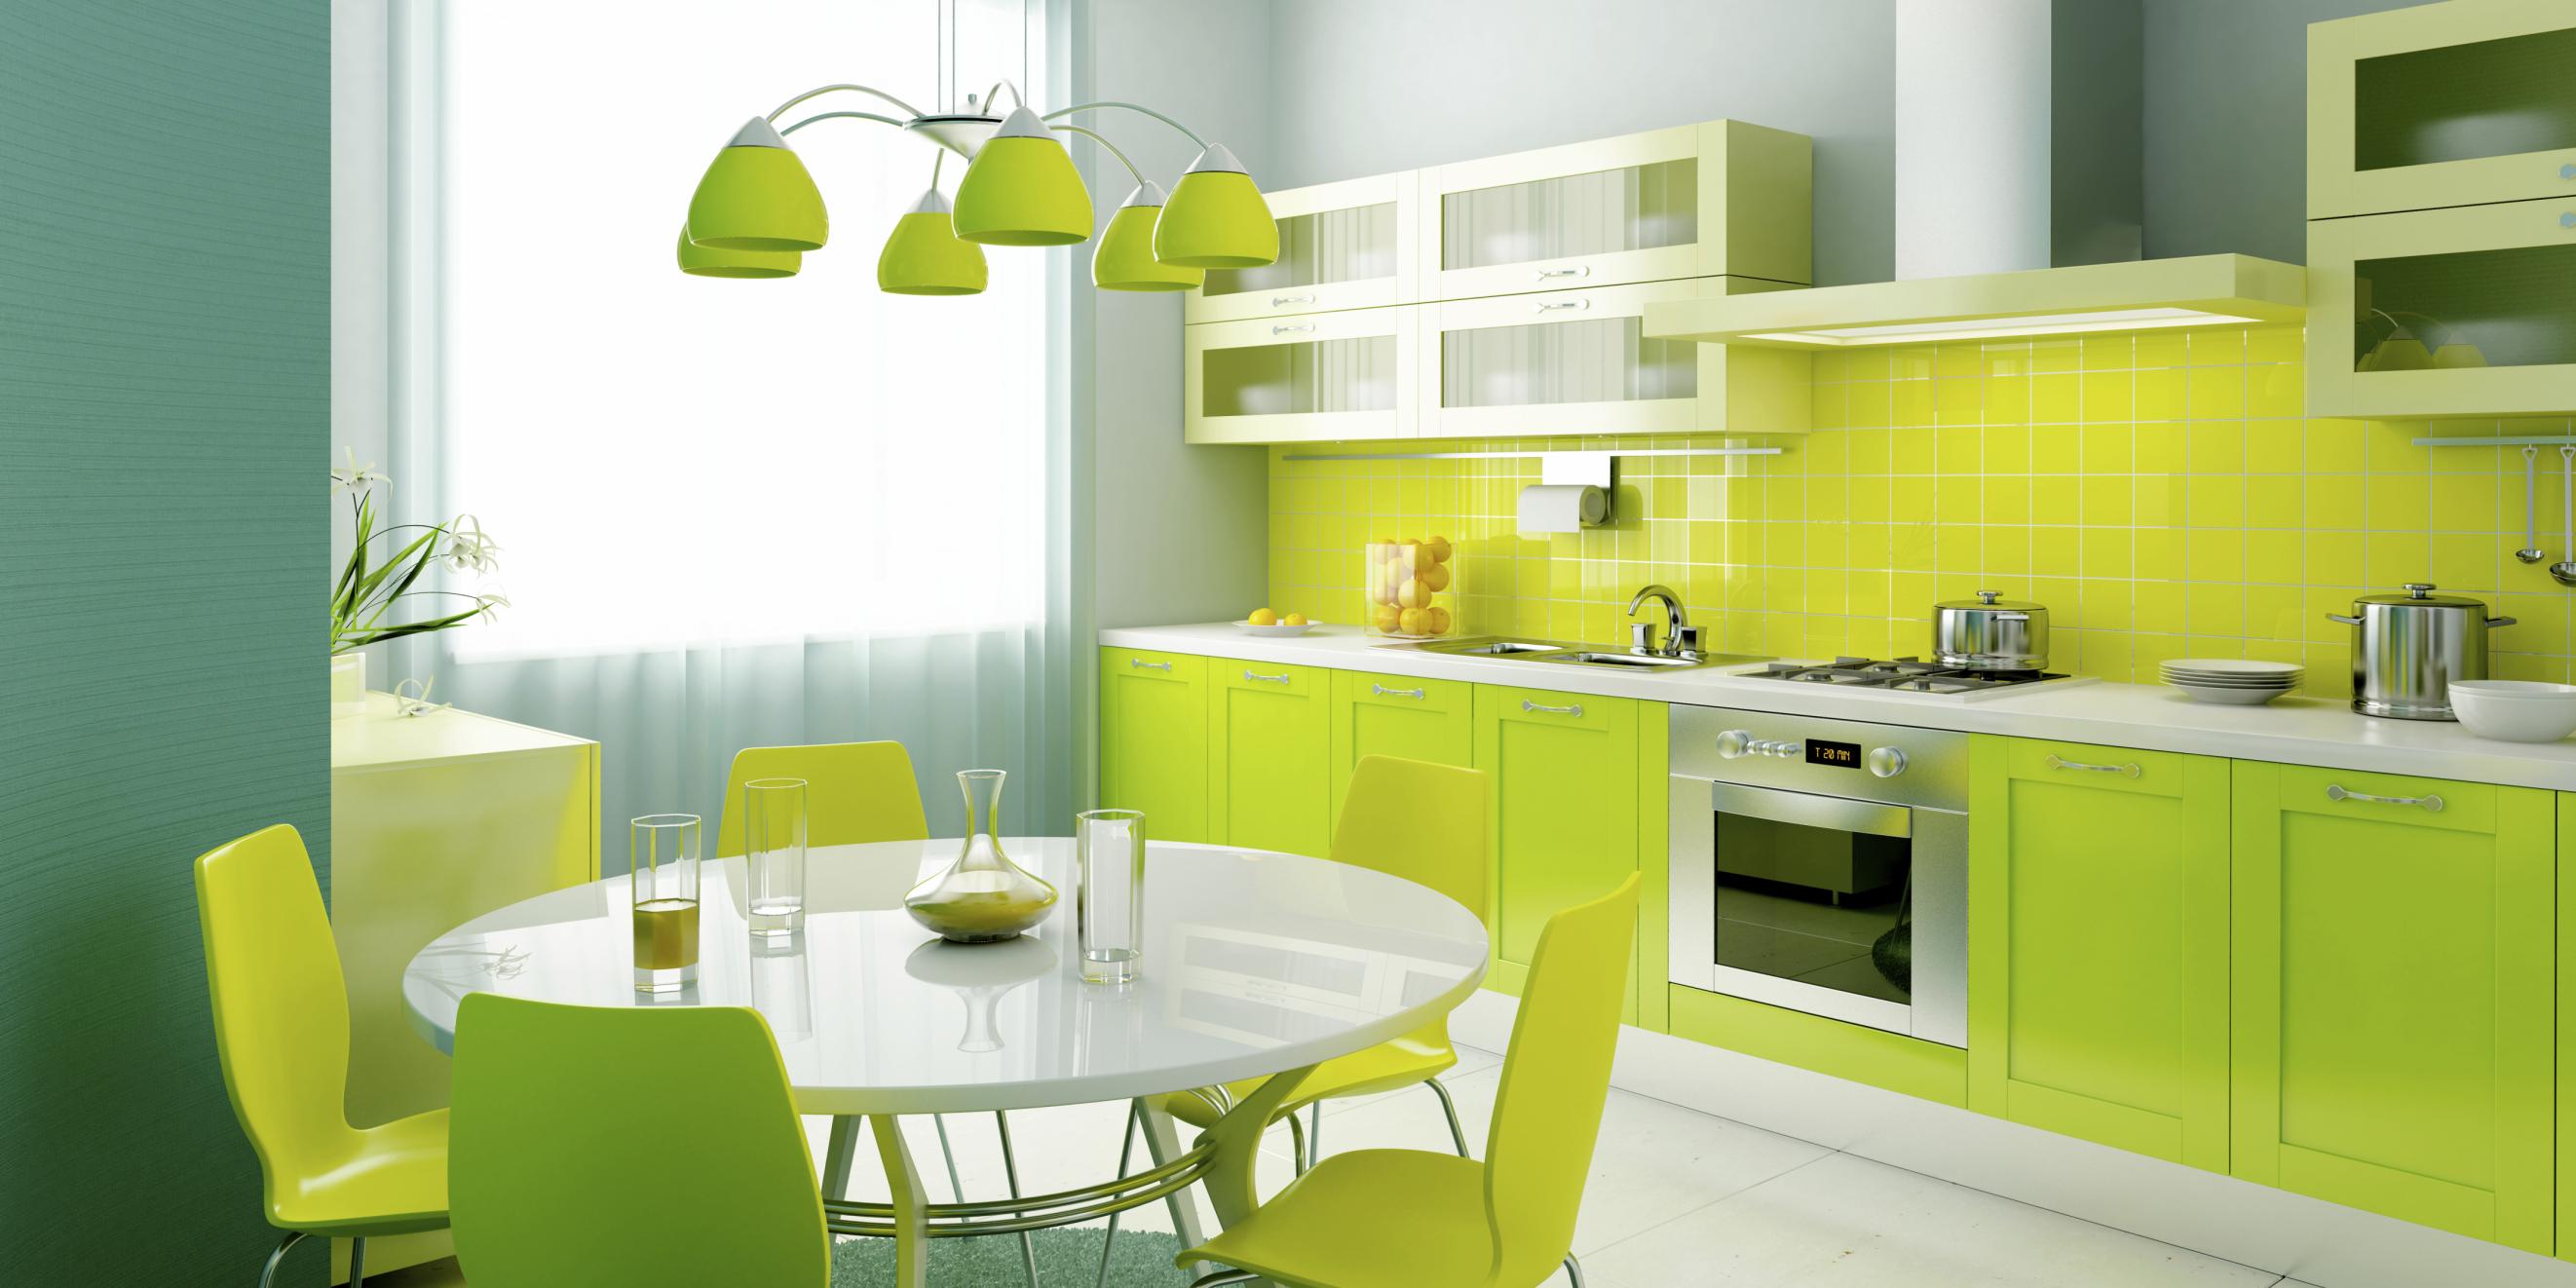 Стол и стулья в цвет и стиль кухни